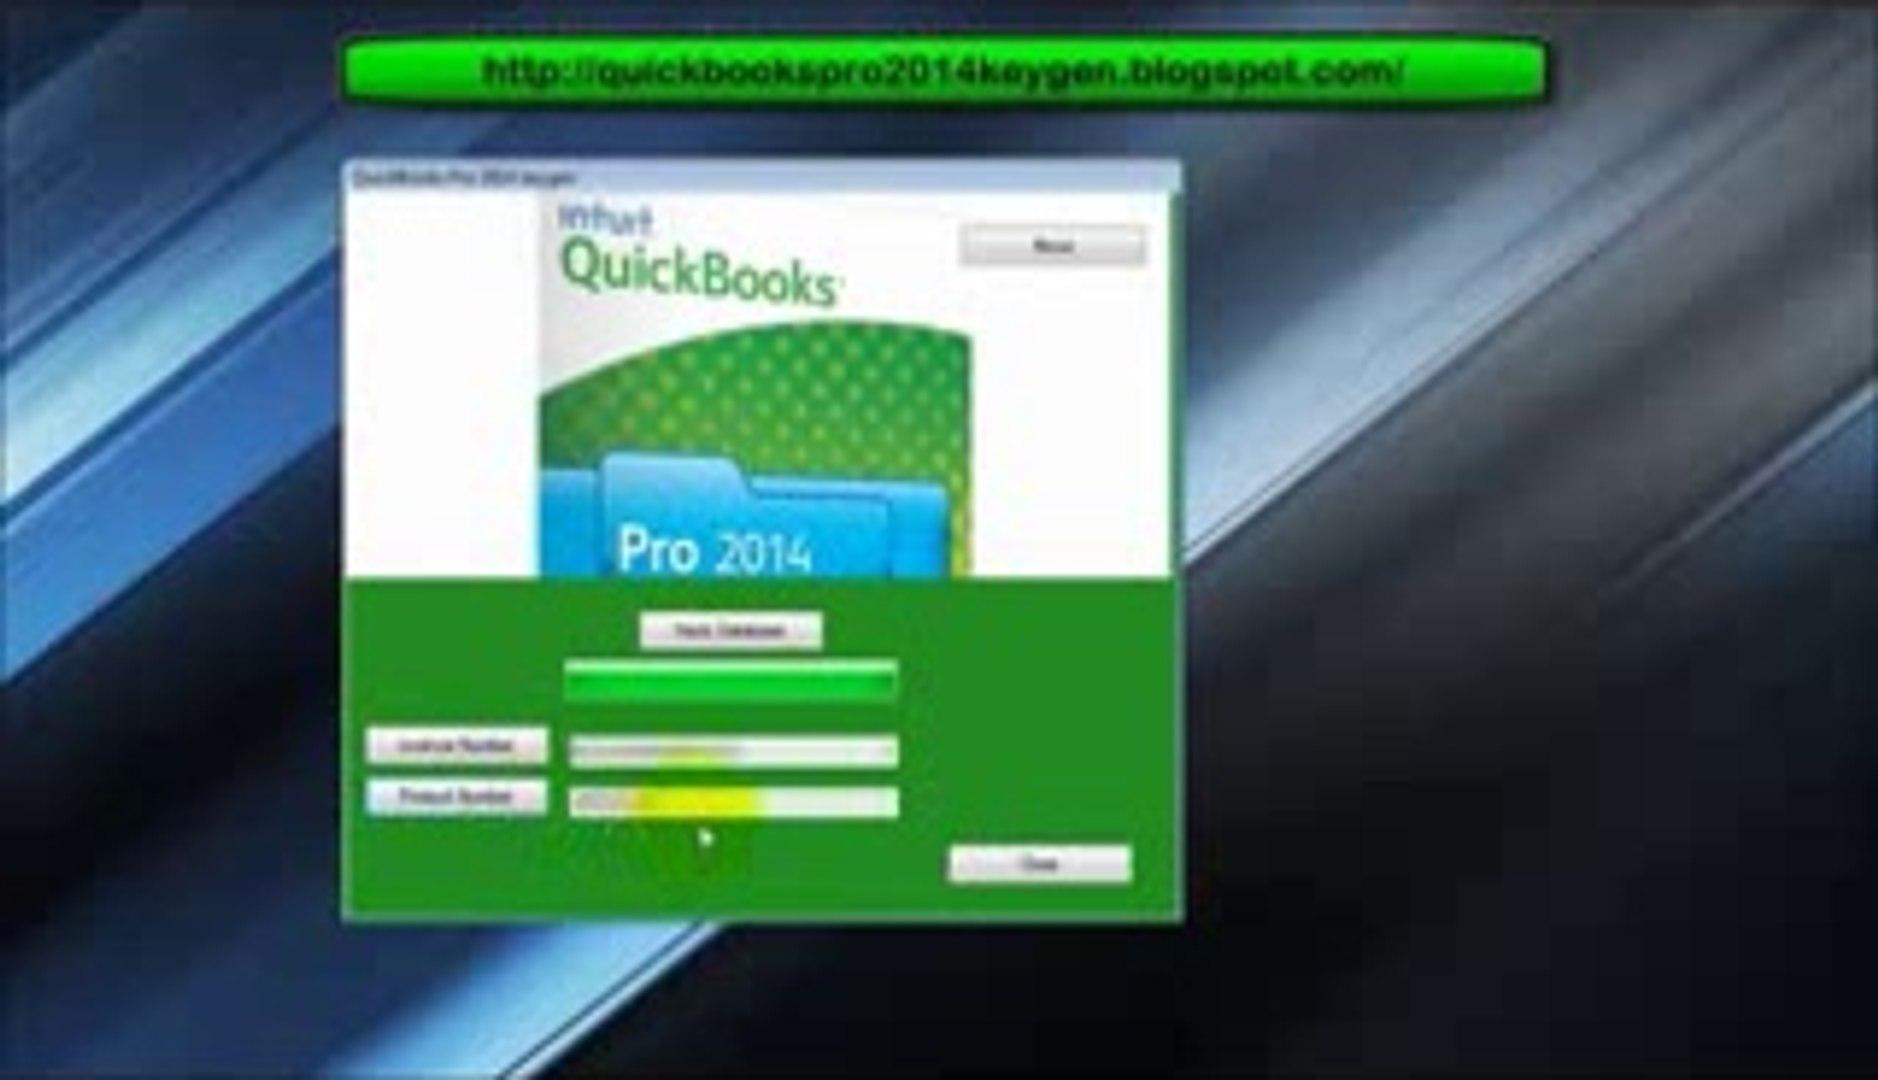 quickbooks full version download crack torrent